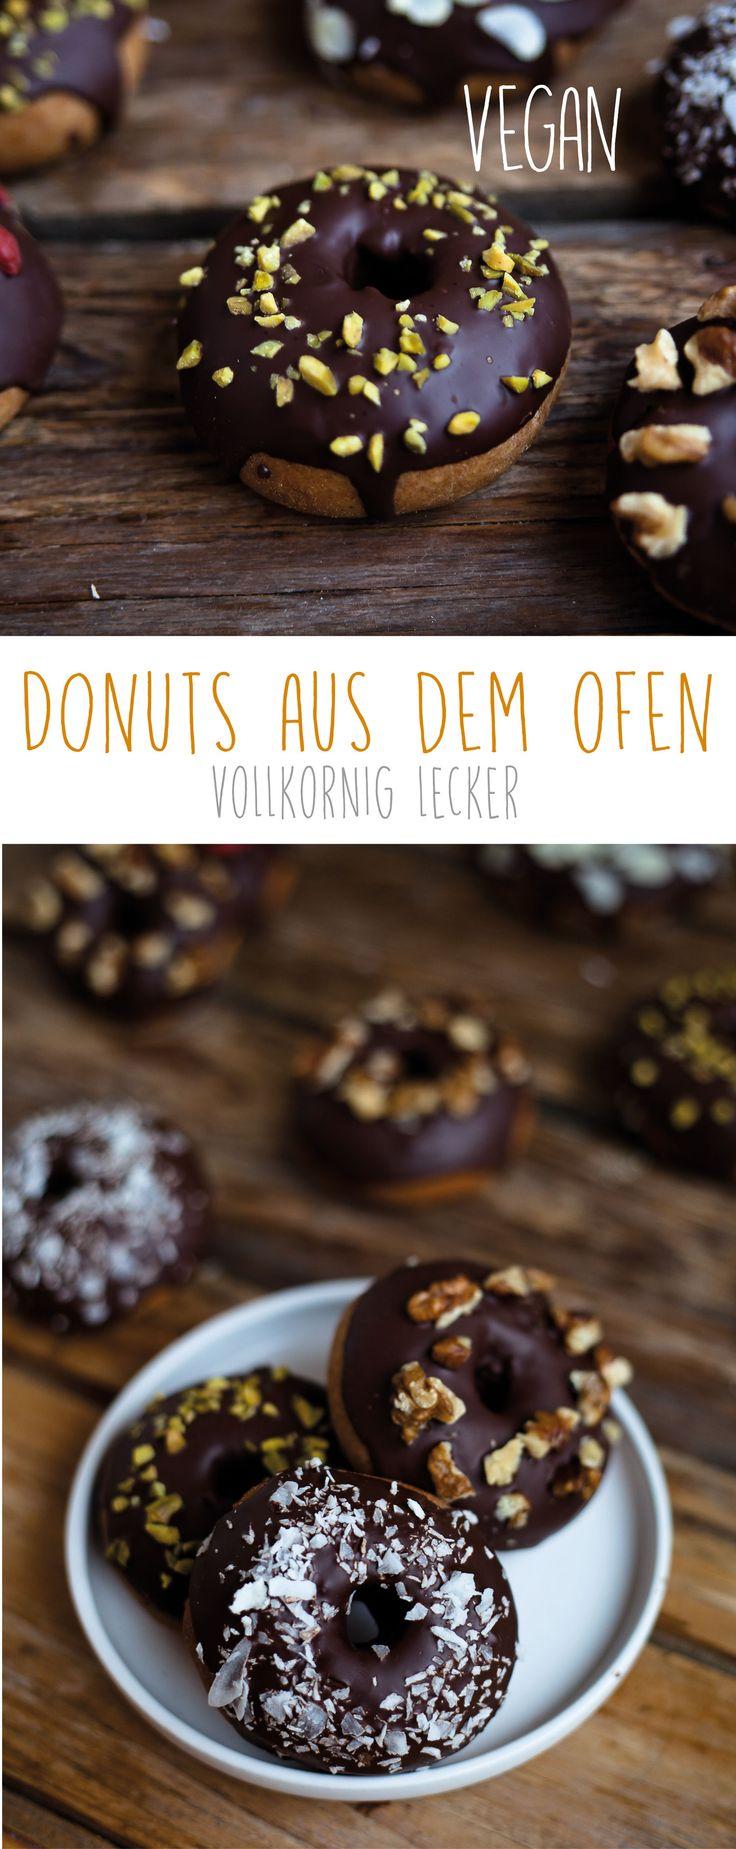 555 Best Cookies And Cakes Images On Pinterest Sweet Recipes Lapis Legit Harum Original Vegane Donuts Aus Dem Ofen